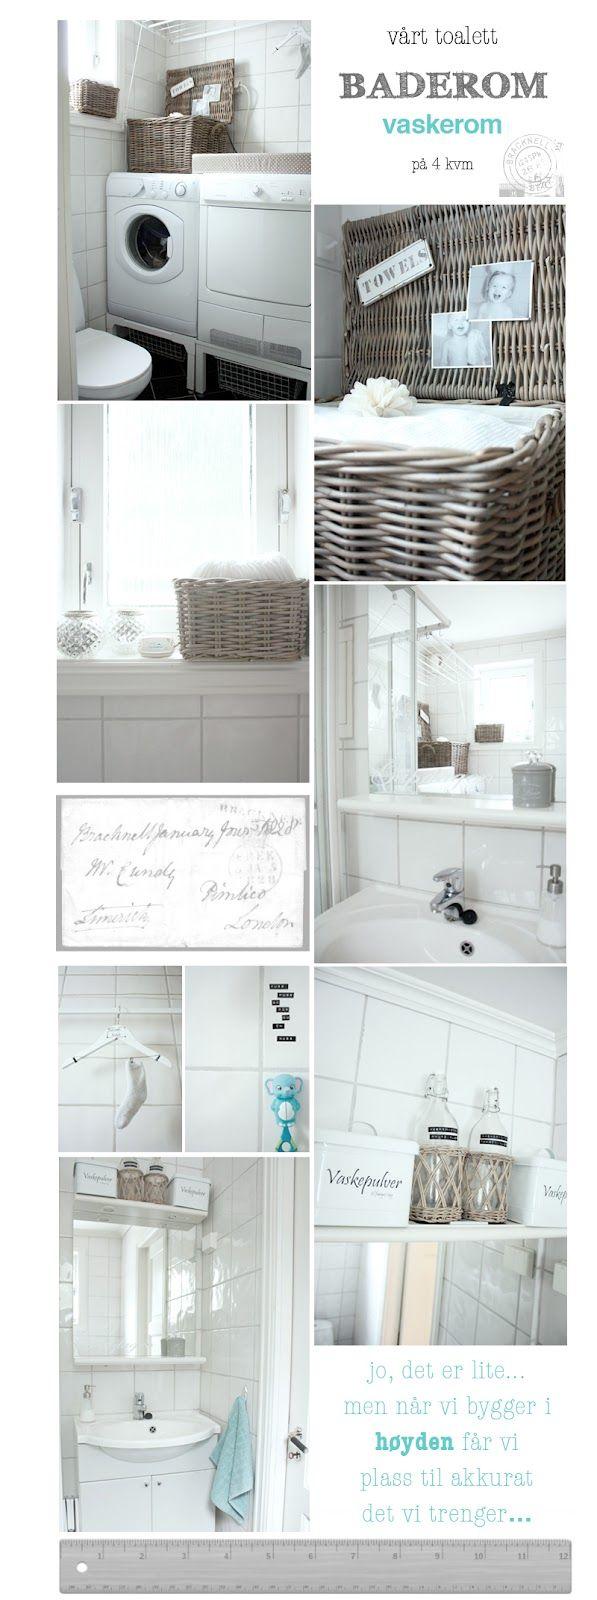 Flere bilder av lite bad, smarte løsninger.